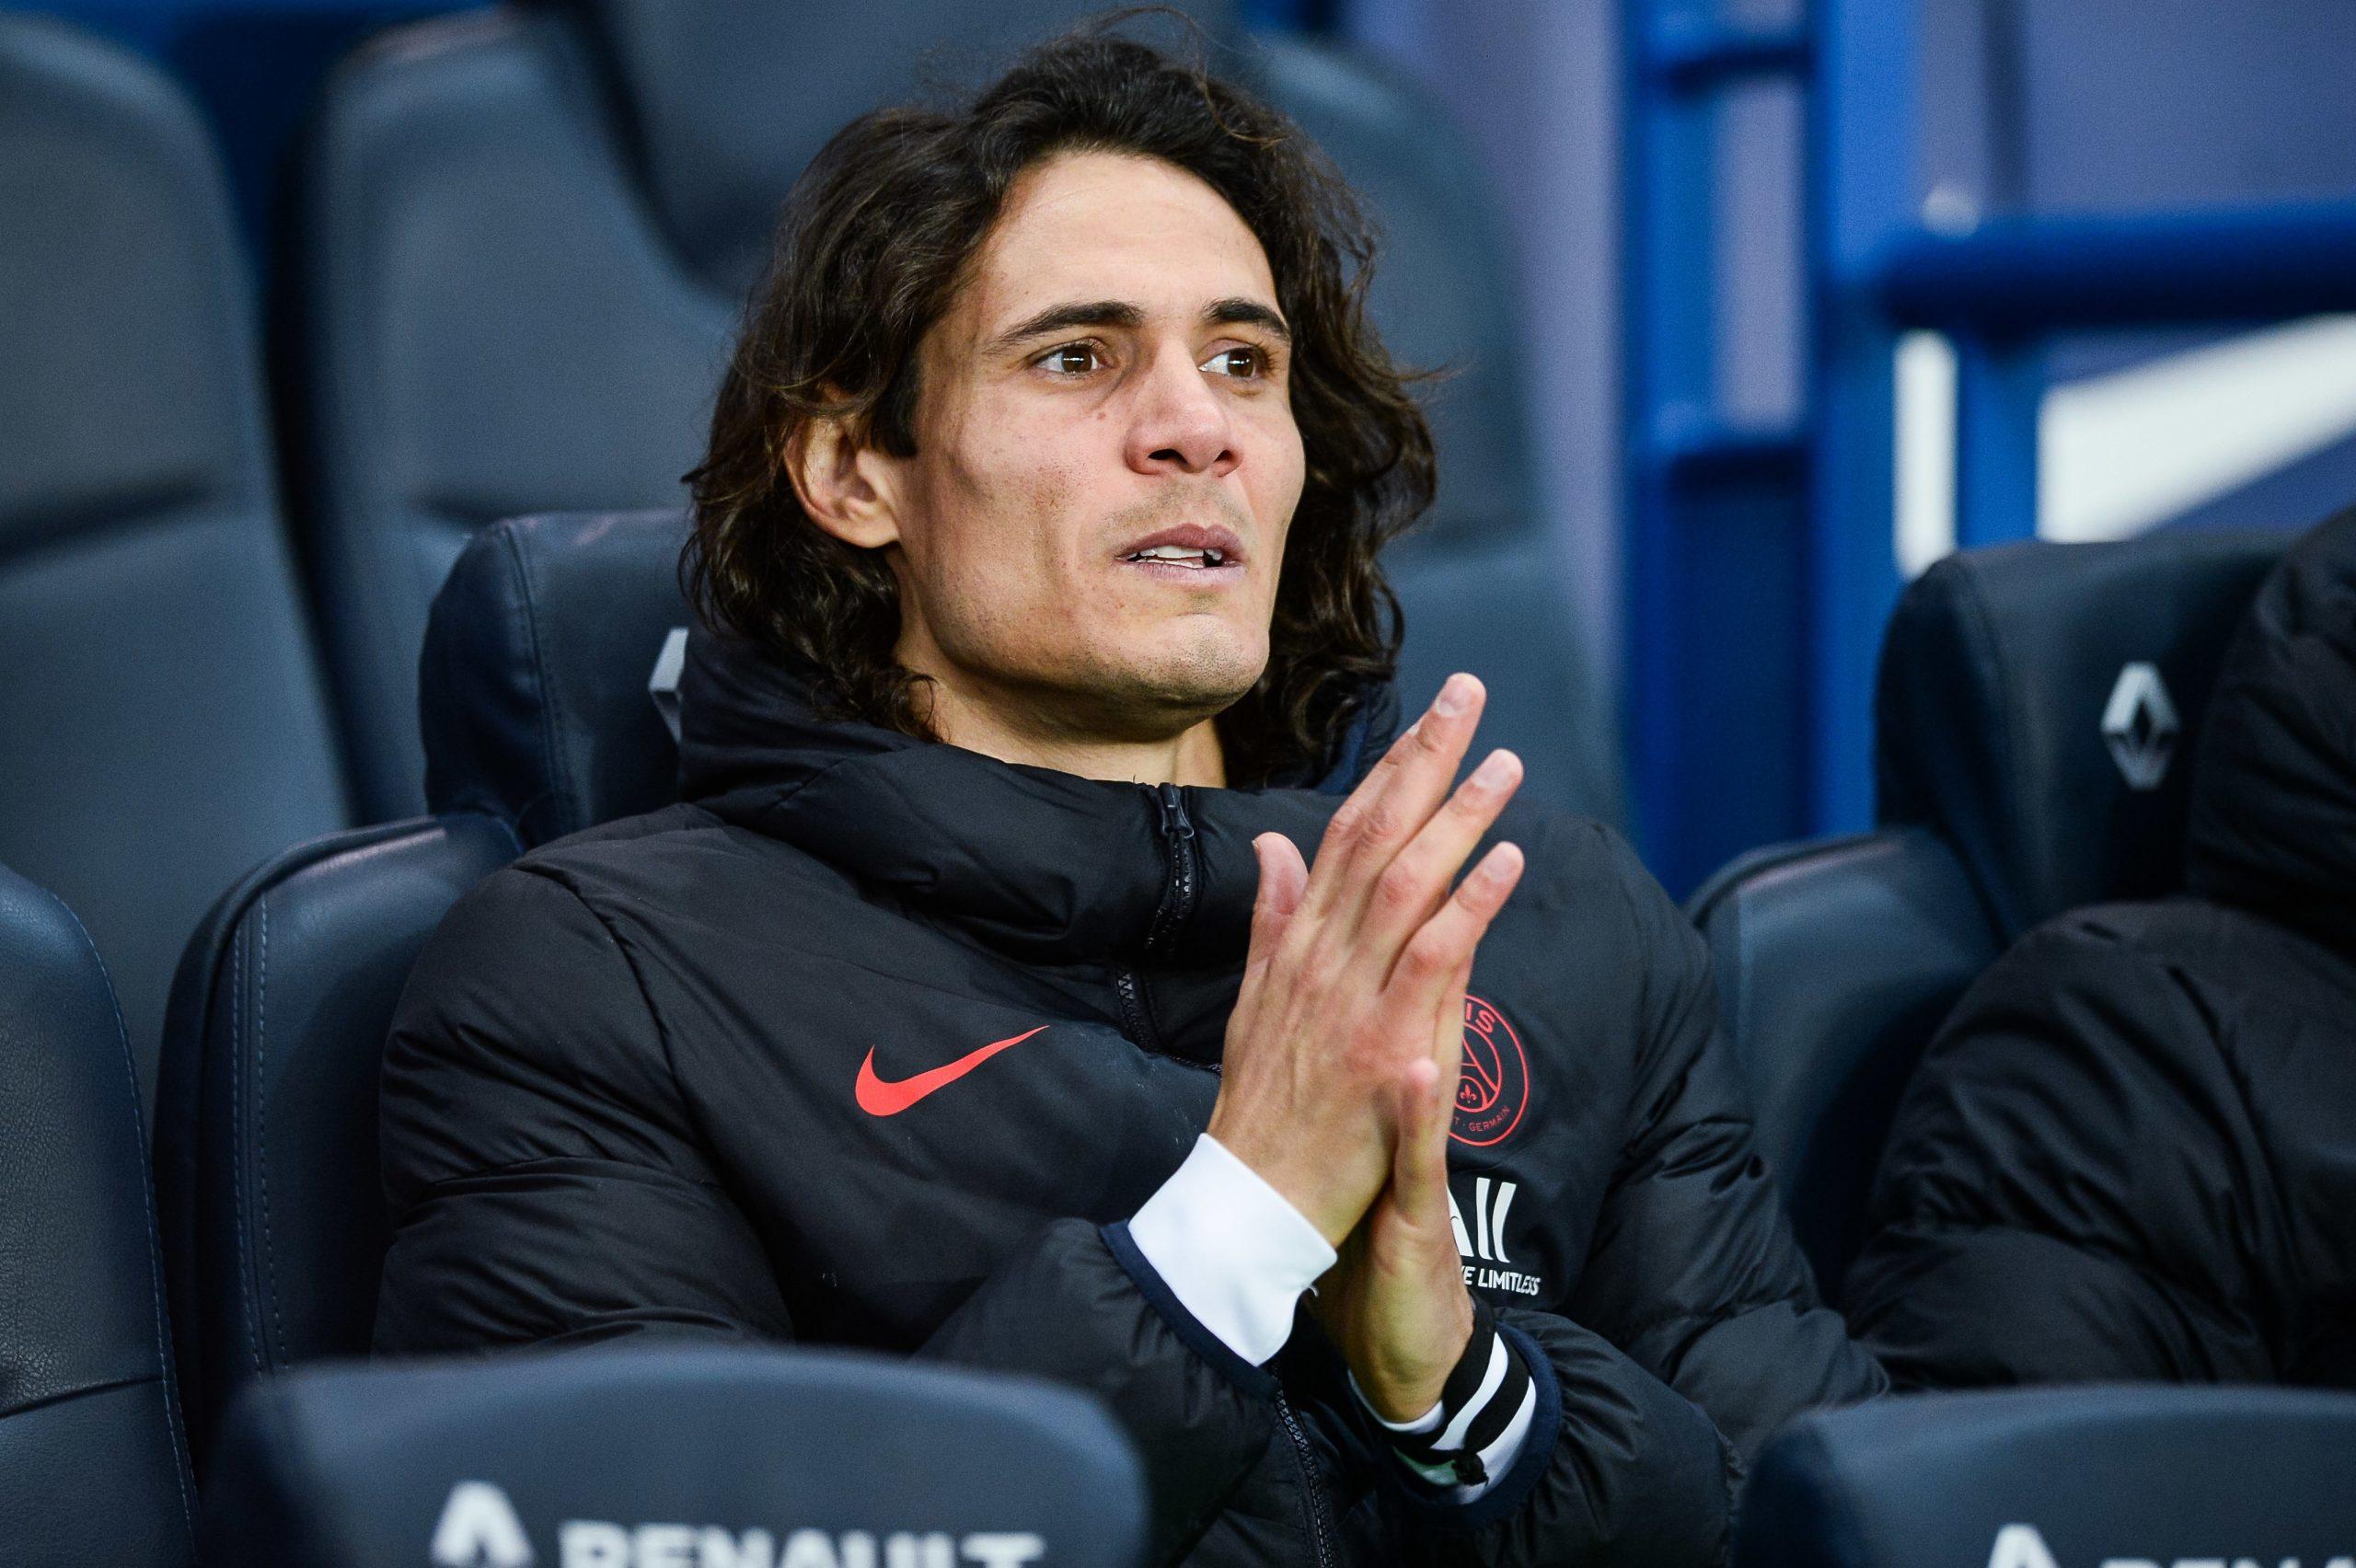 Mercato - Chelsea a proposé un prêt payant pour Cavani, selon The Times